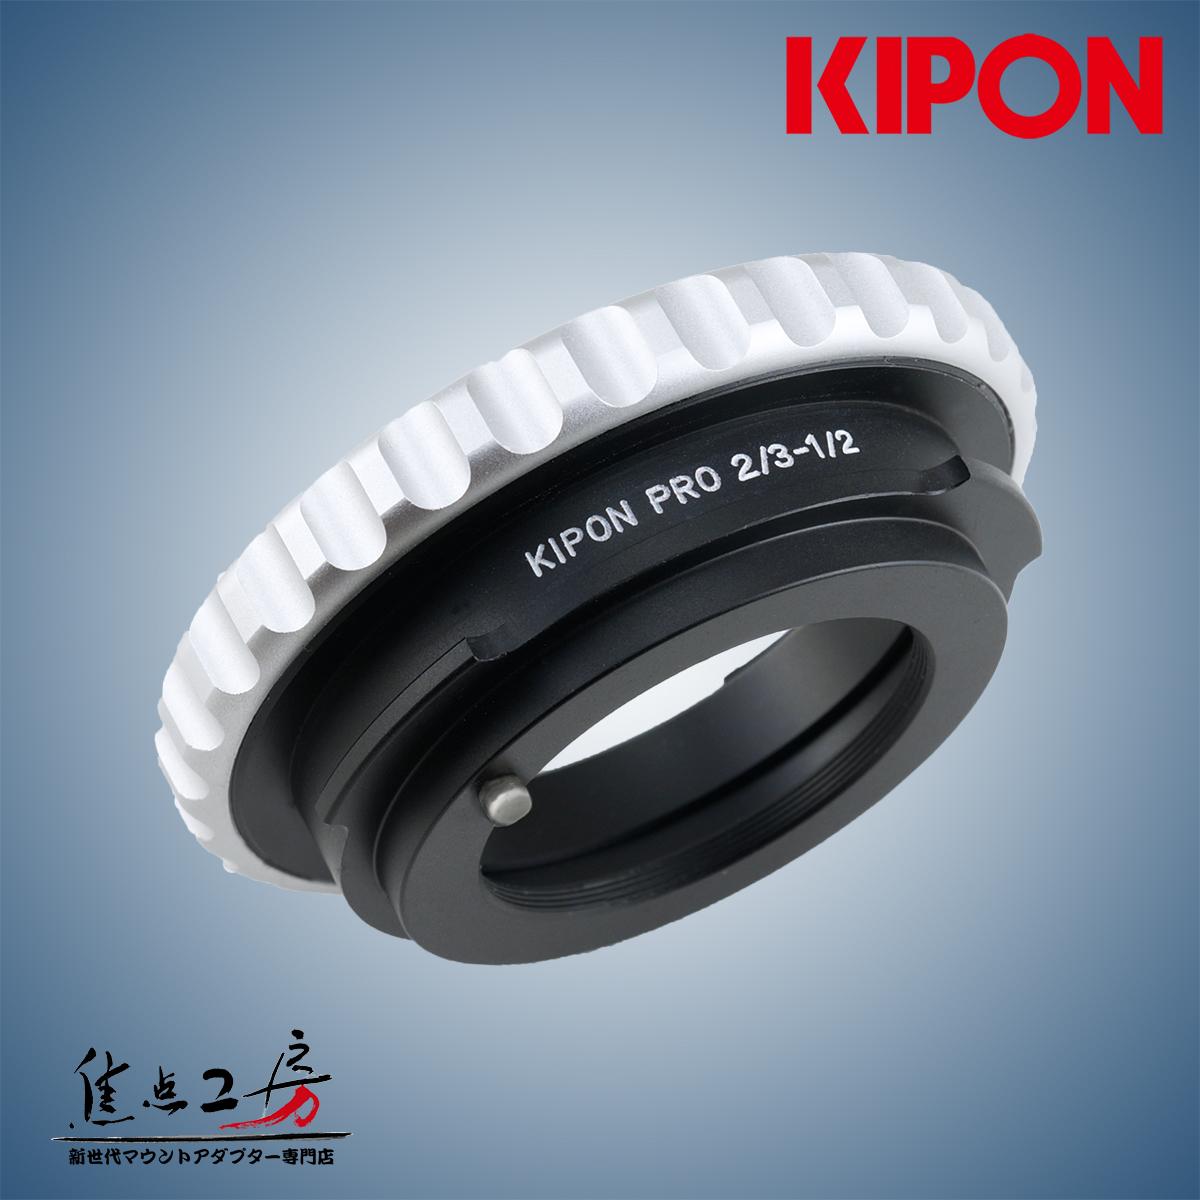 マウントアダプター KIPON 2/3-1/2 B4・ENGマウントレンズ - ソニー1/2インチマウントカメラ